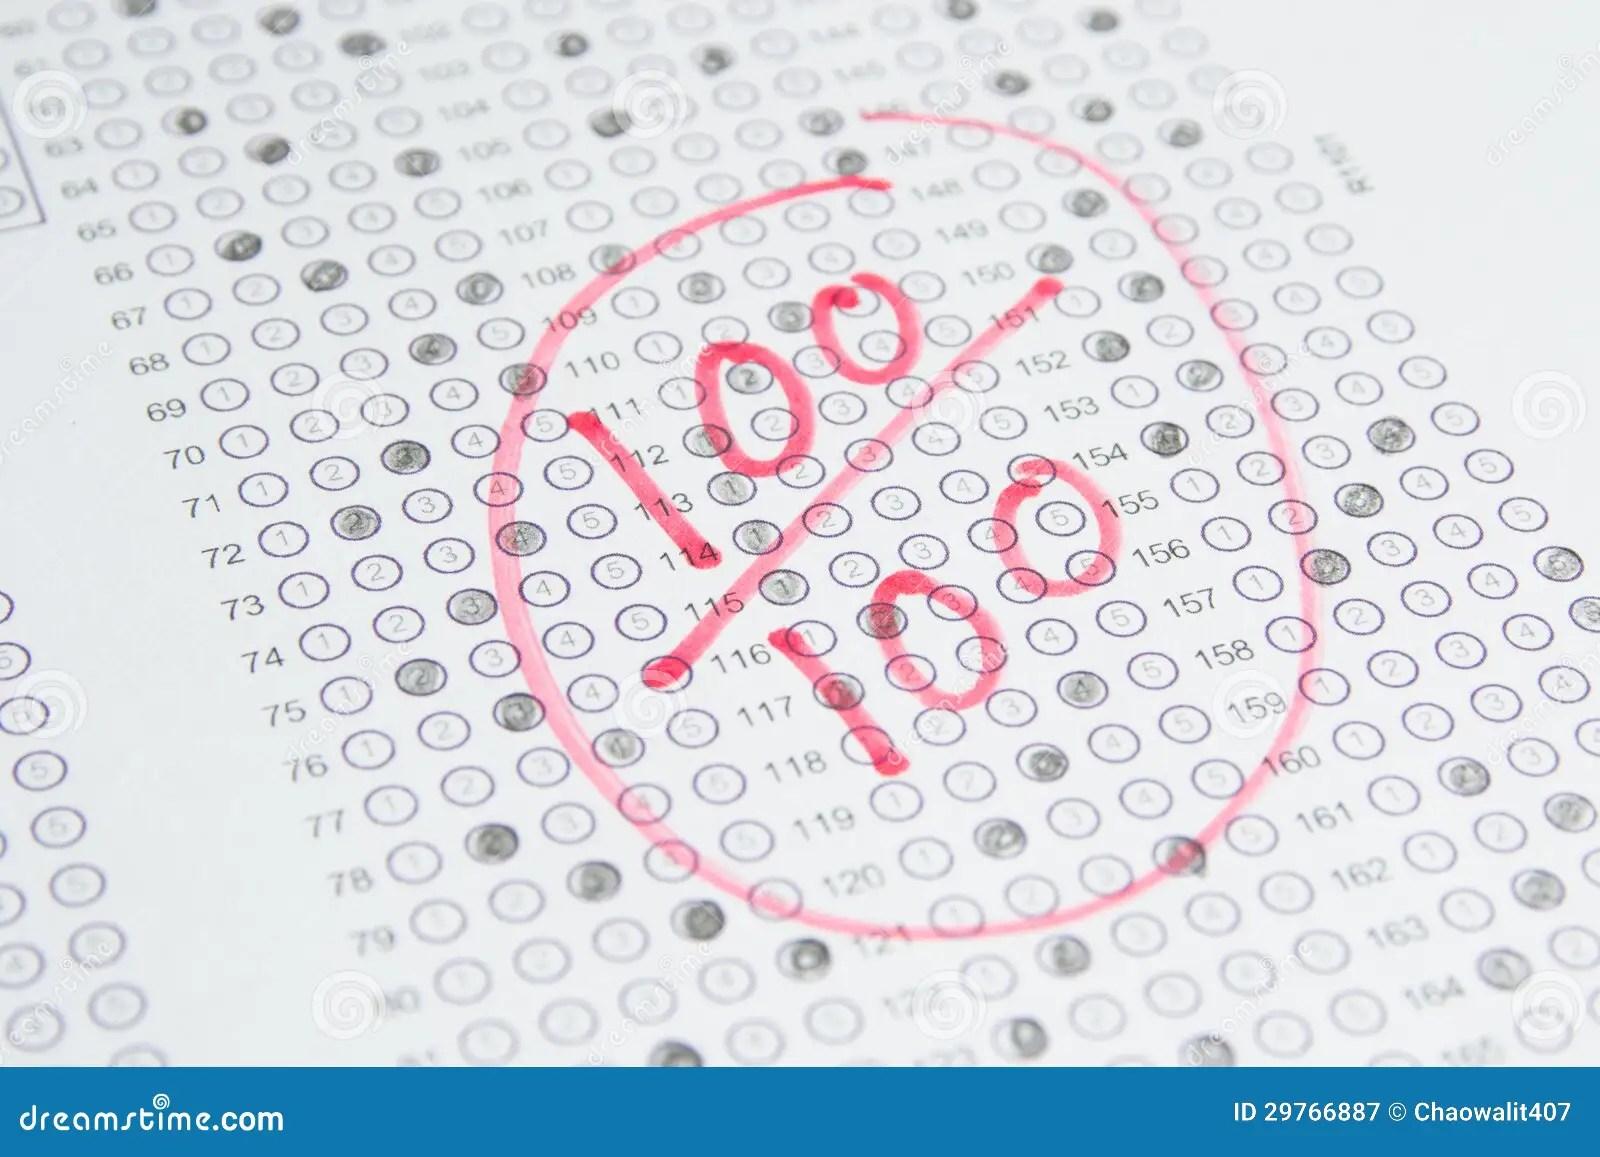 Exam Test 100 Score Stock Image Image Of Childhood